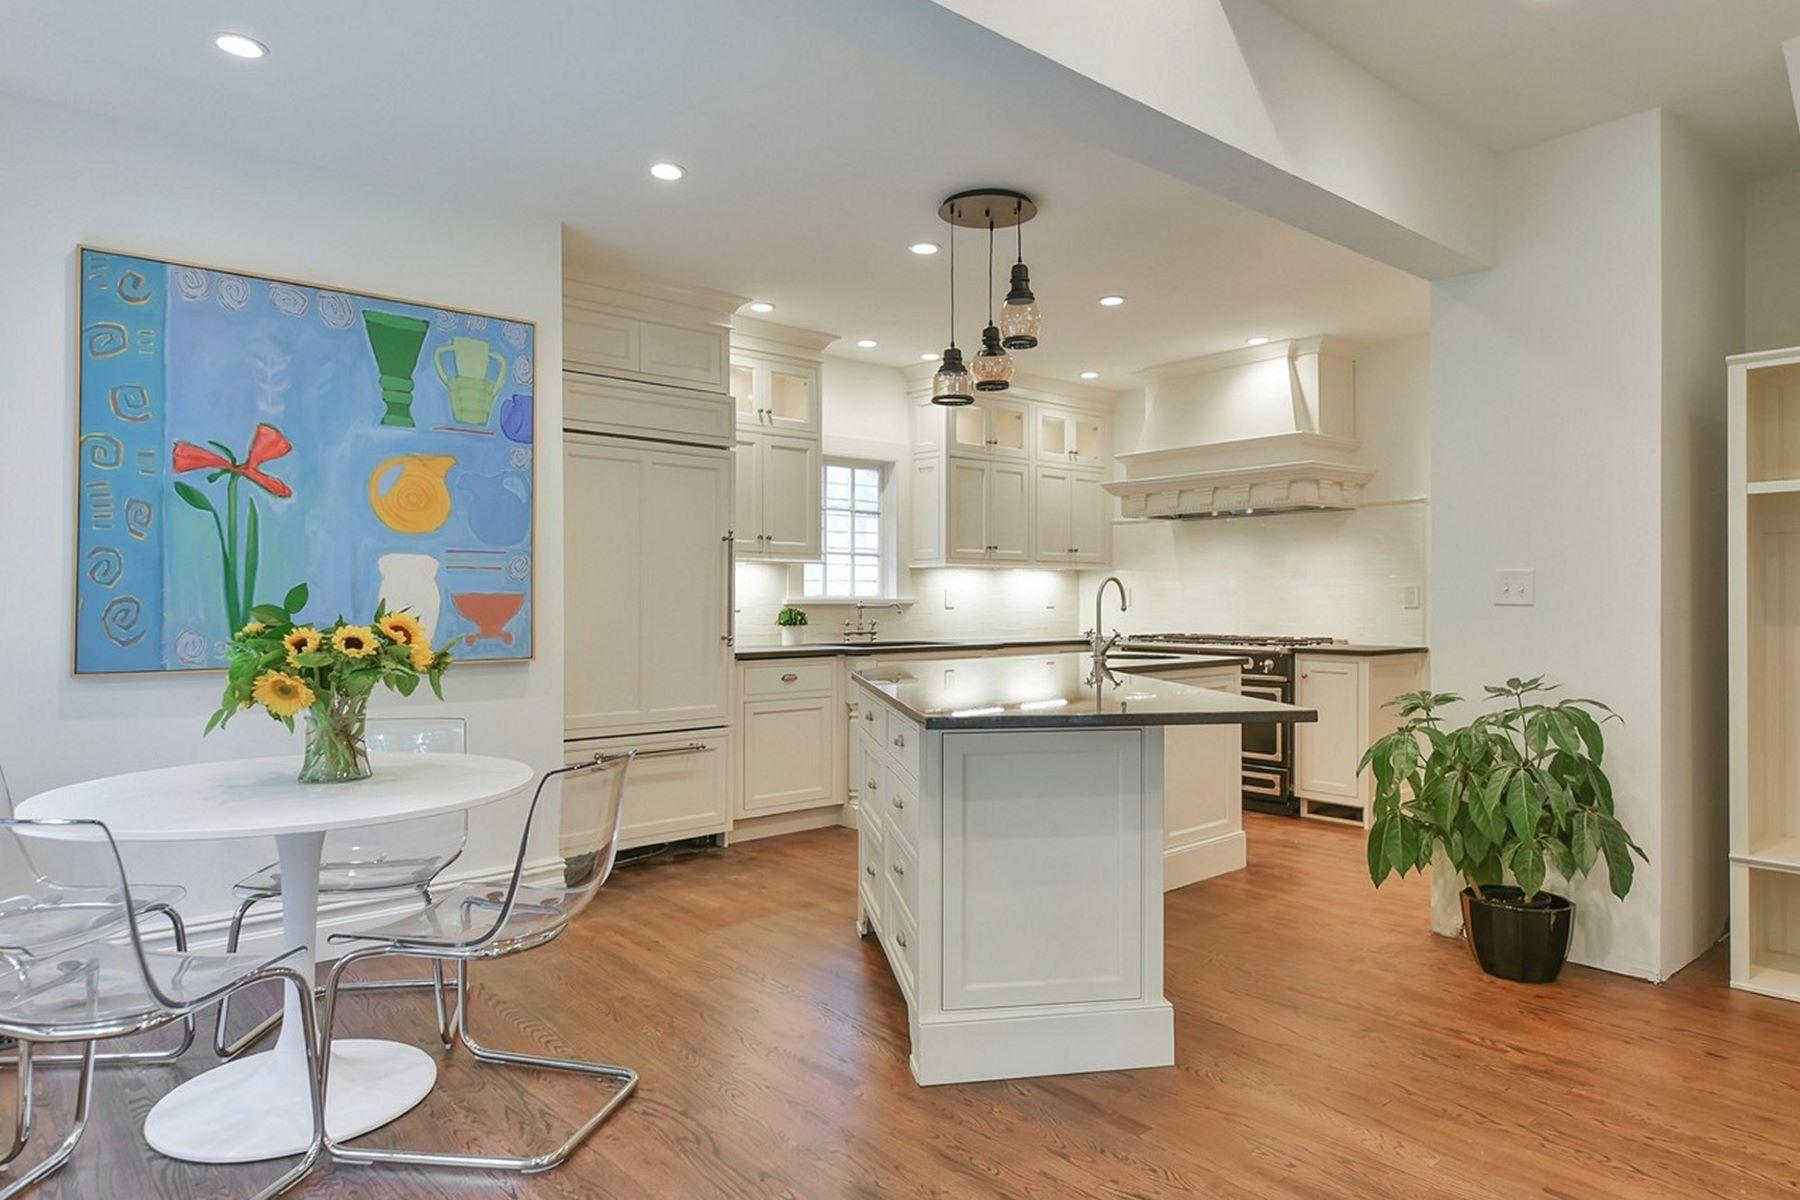 단독 가정 주택 용 매매 에 Sophisticated Craftsman Colonial 30 Warren Place Montclair, 뉴저지, 07042 미국